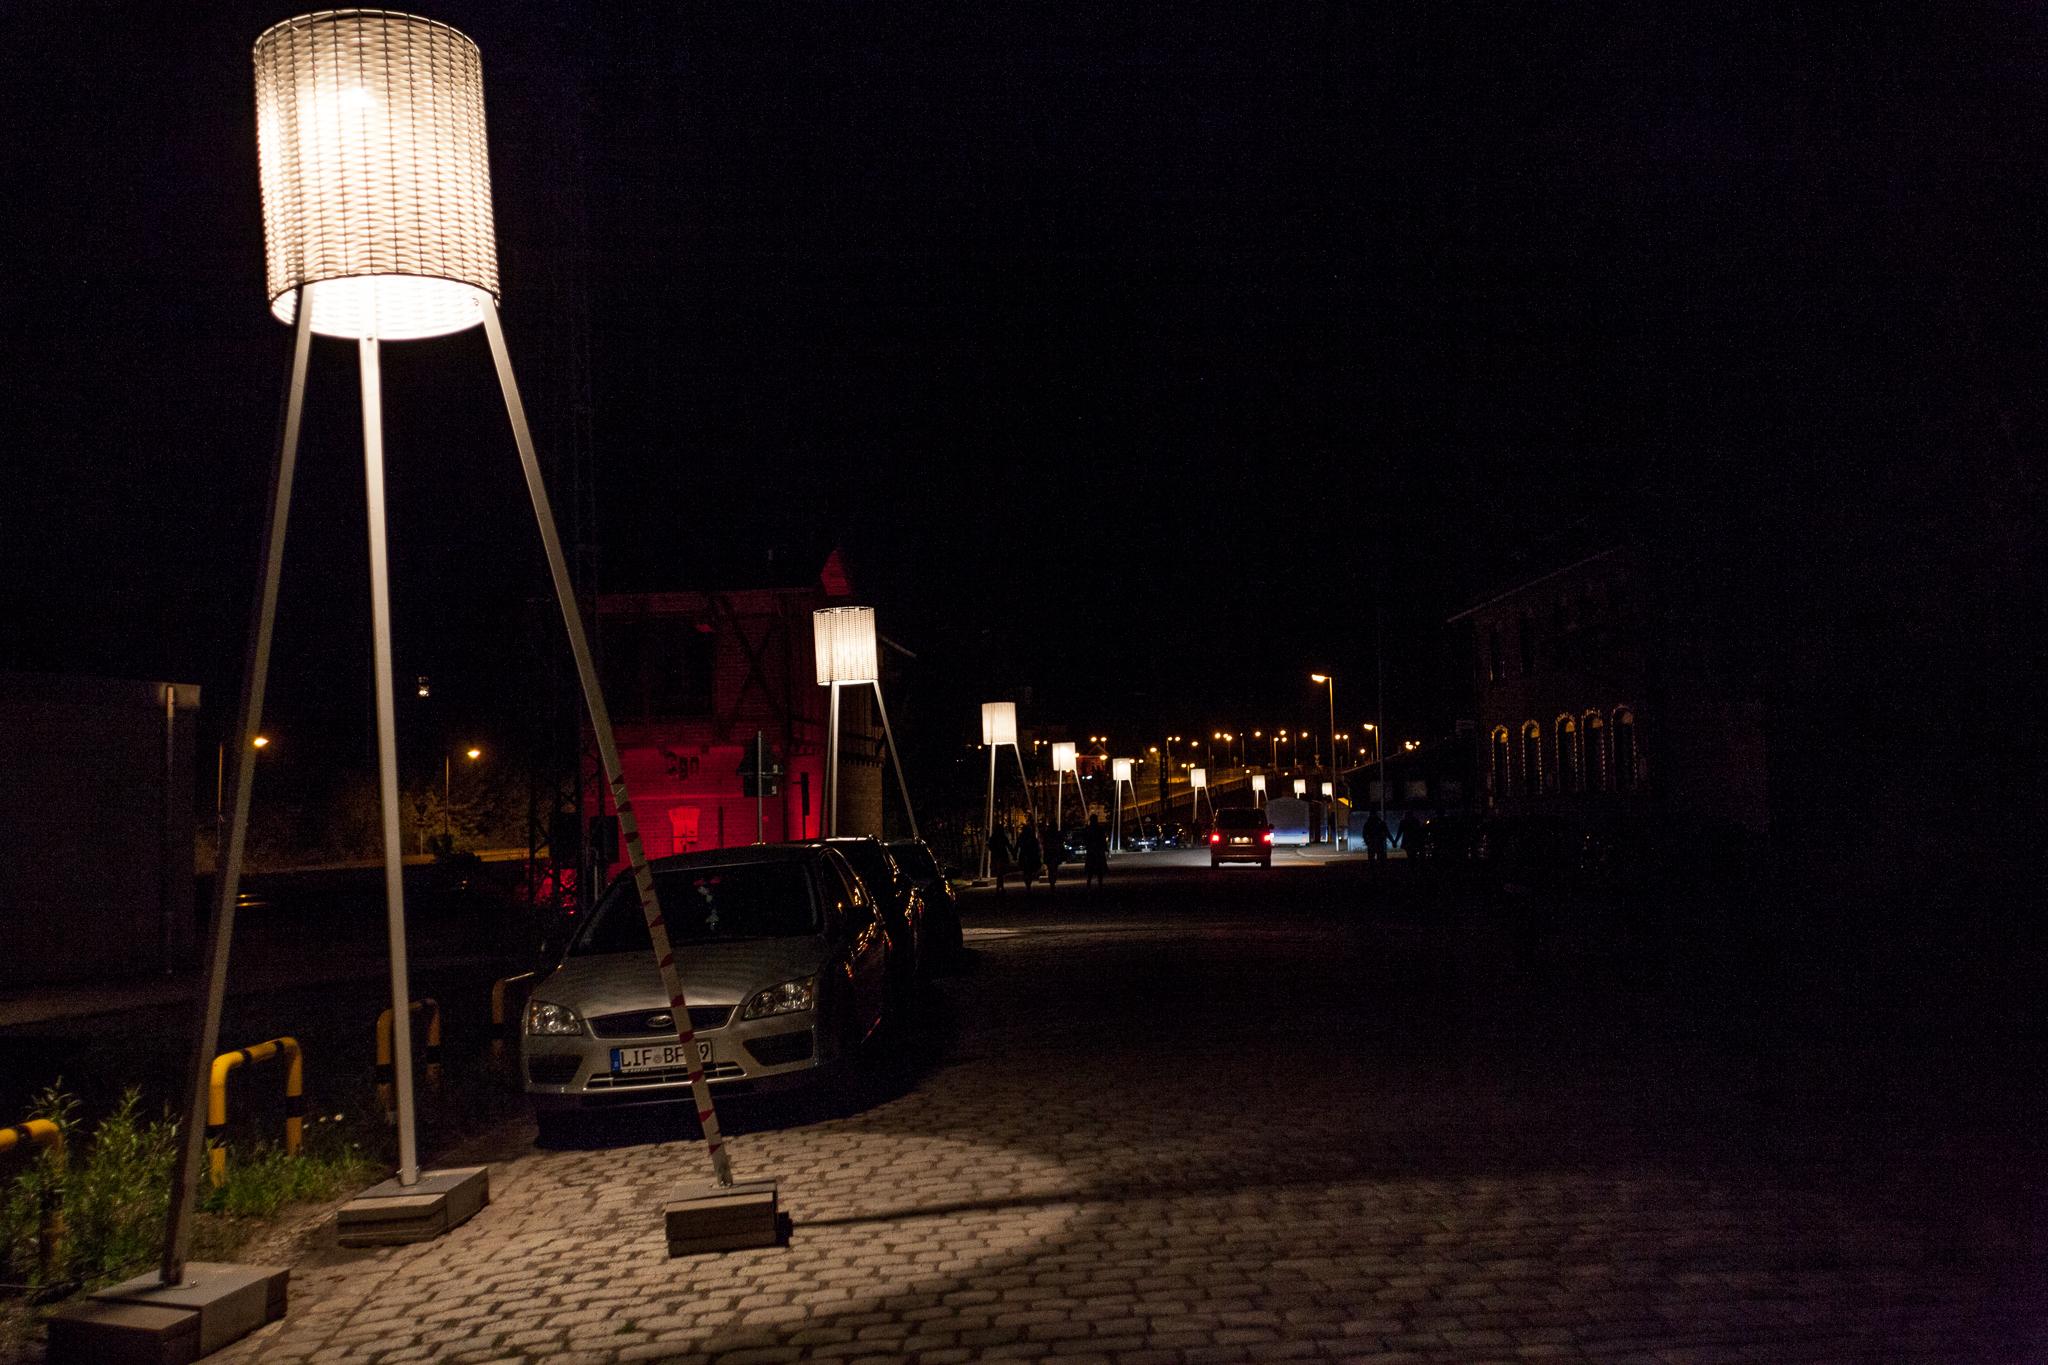 Lampen weisen den Weg